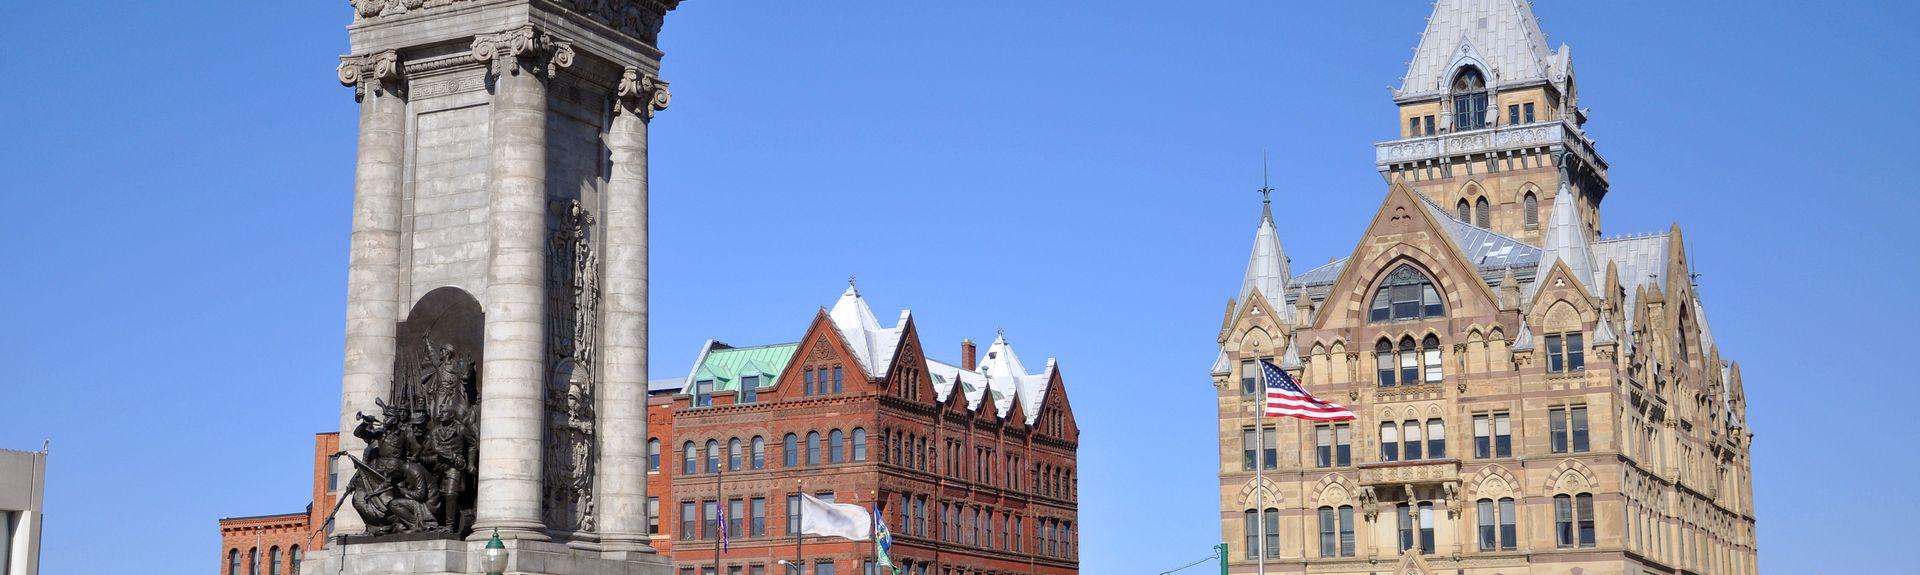 Syracuse, NY, USA